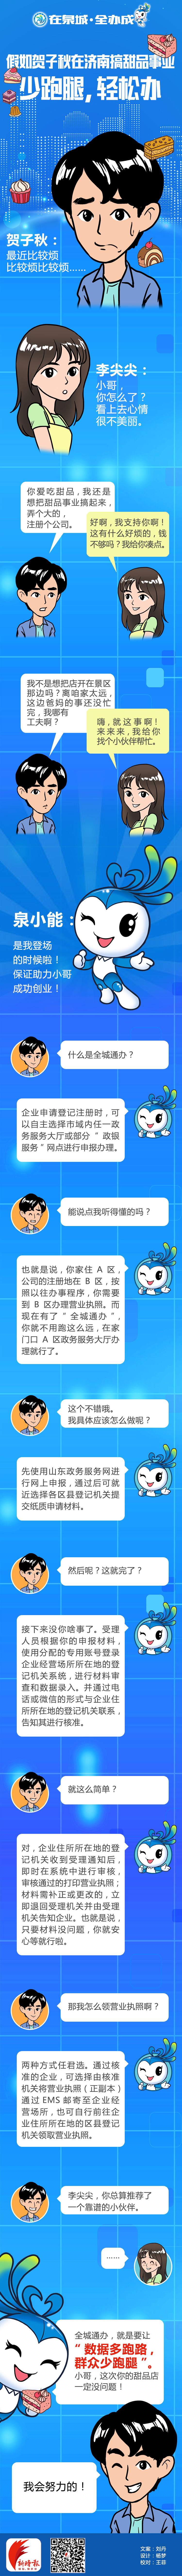 漫画:假如贺子秋在济南搞甜品事业...